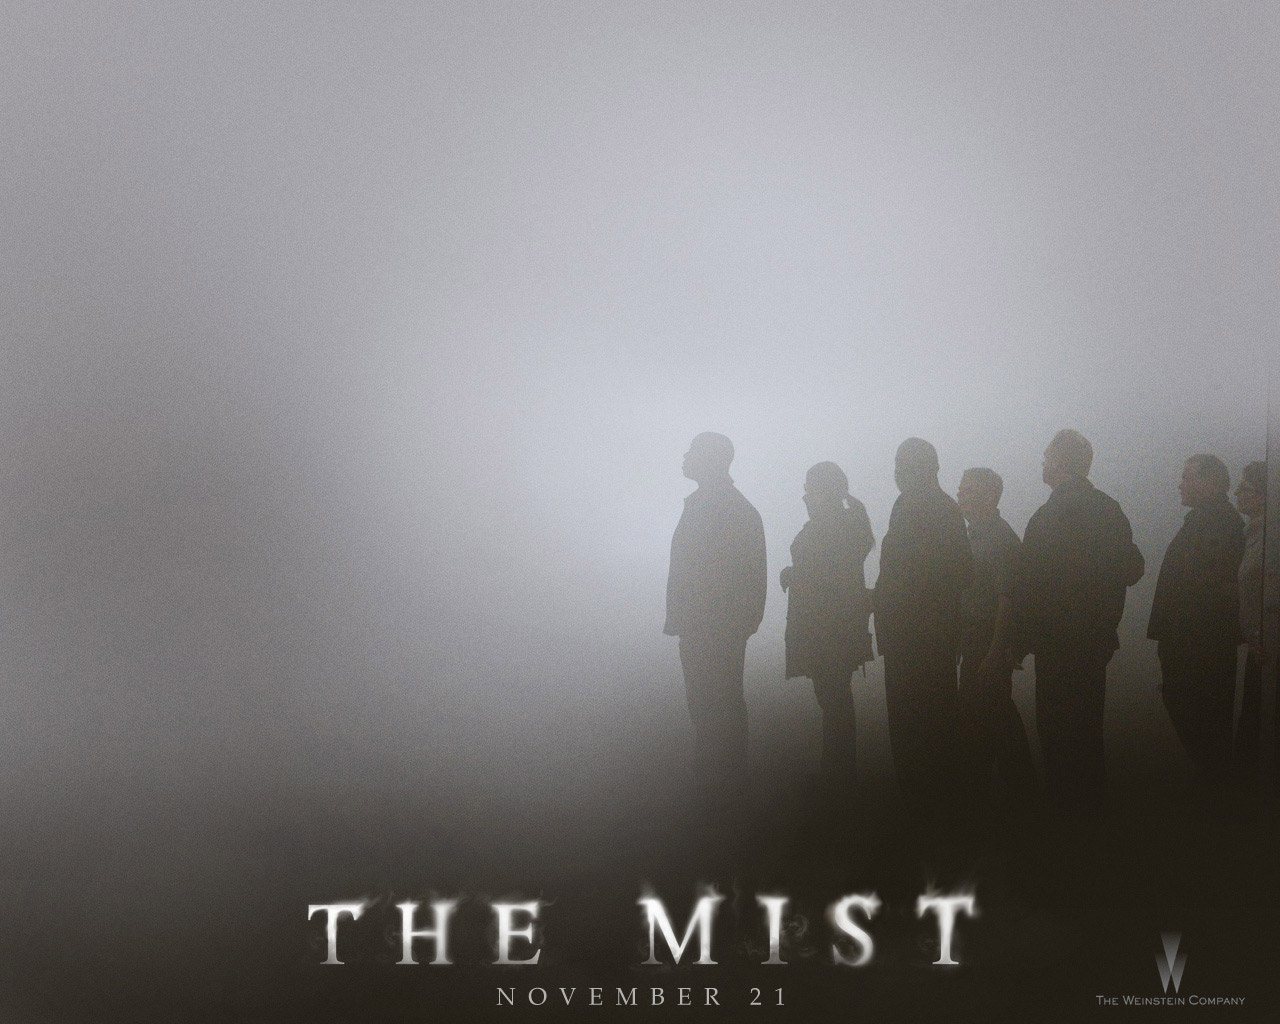 The-Mist-the-mist-25395981-1280-1024